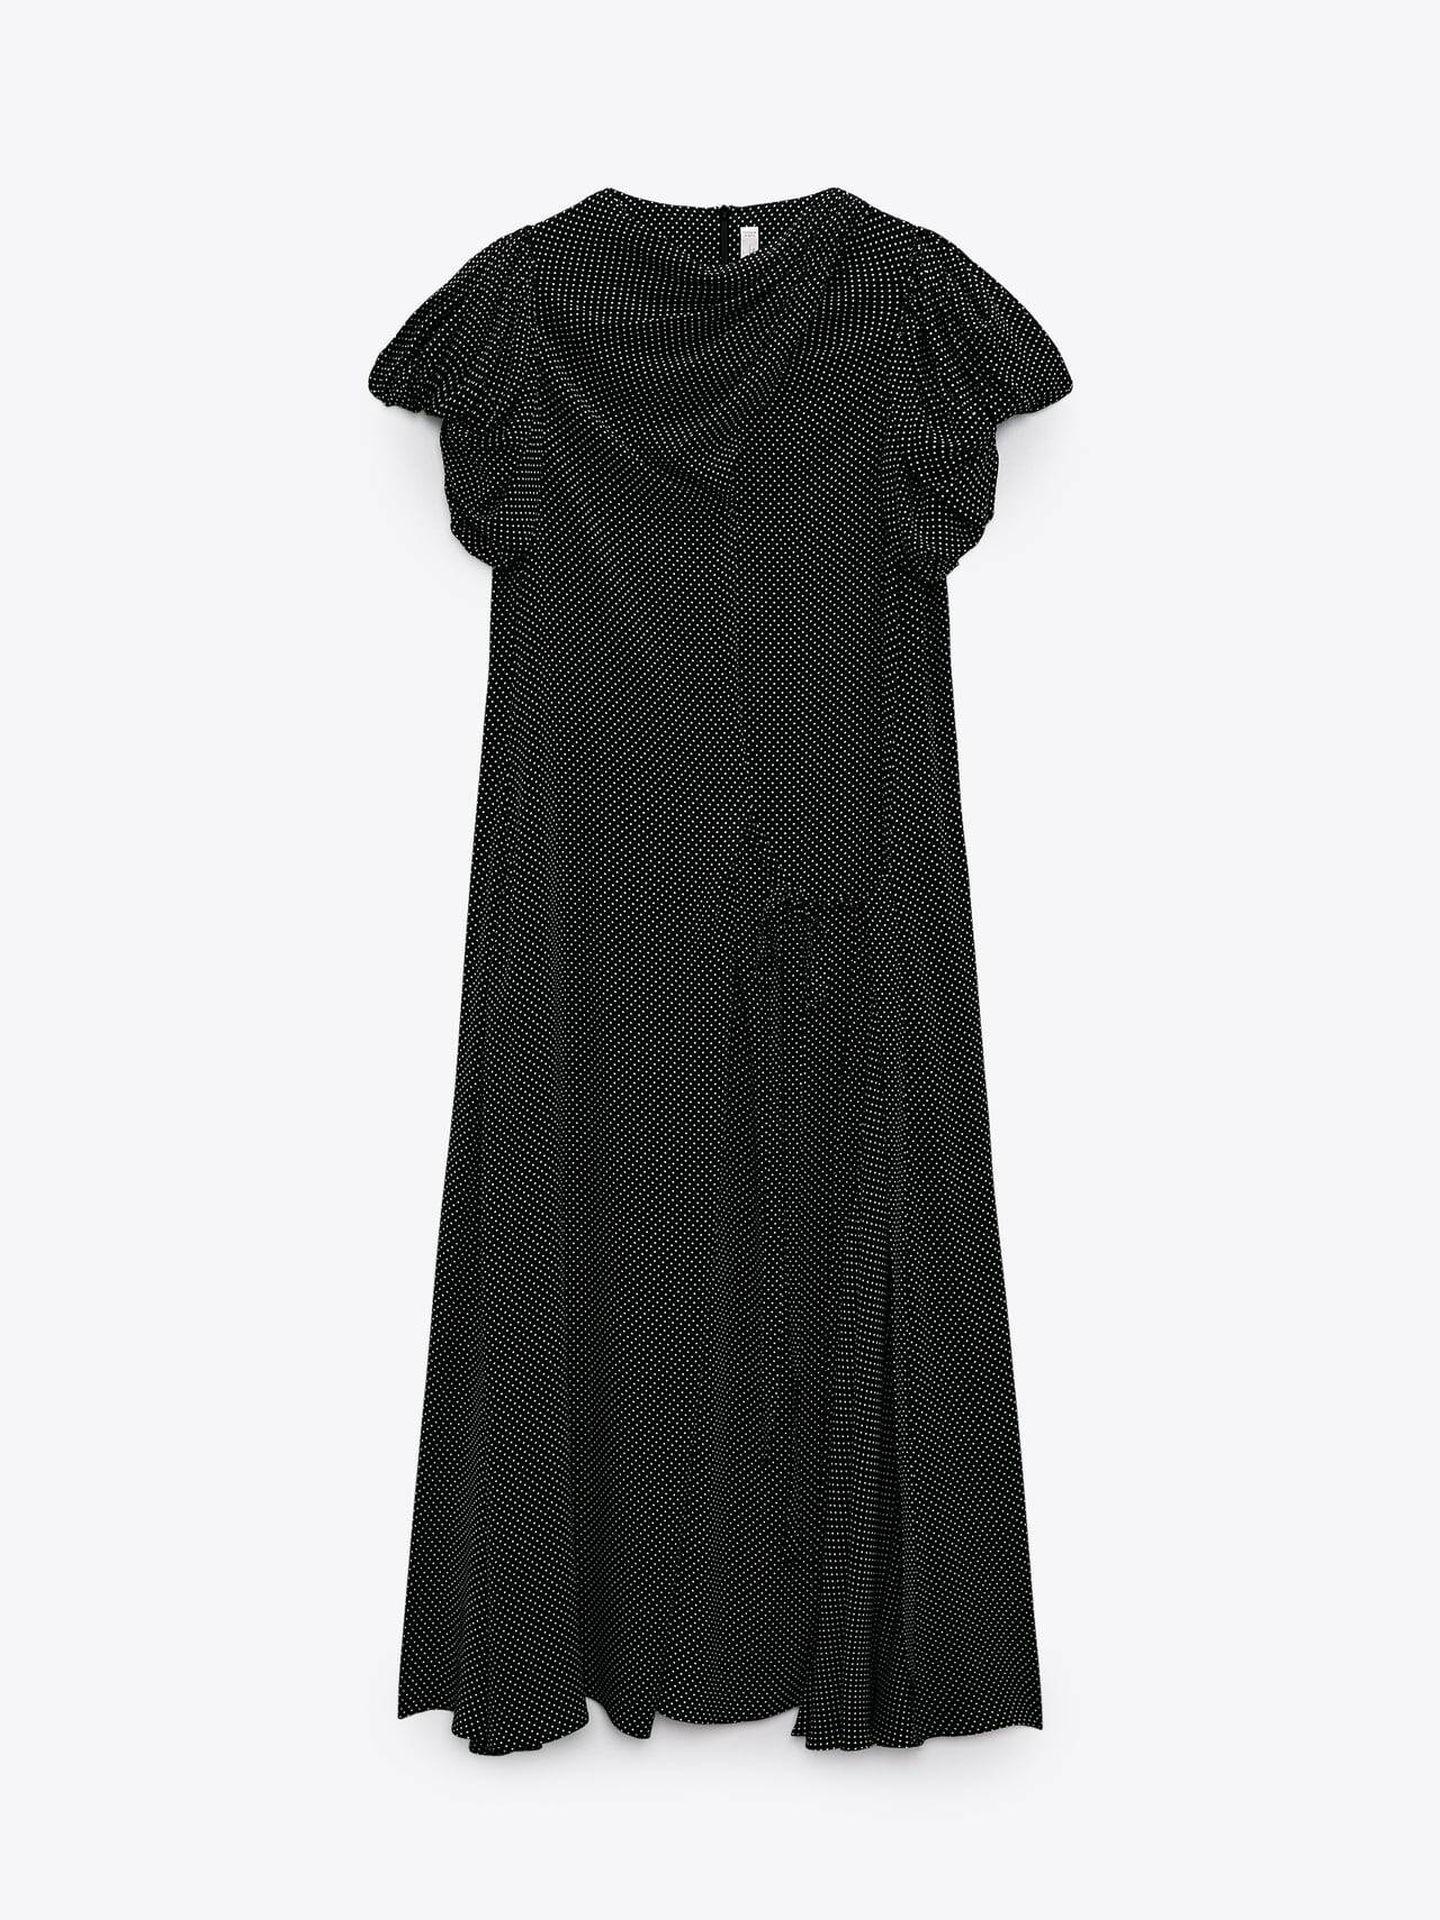 Vestido drapeado de lunares de Zara. (Cortesía)